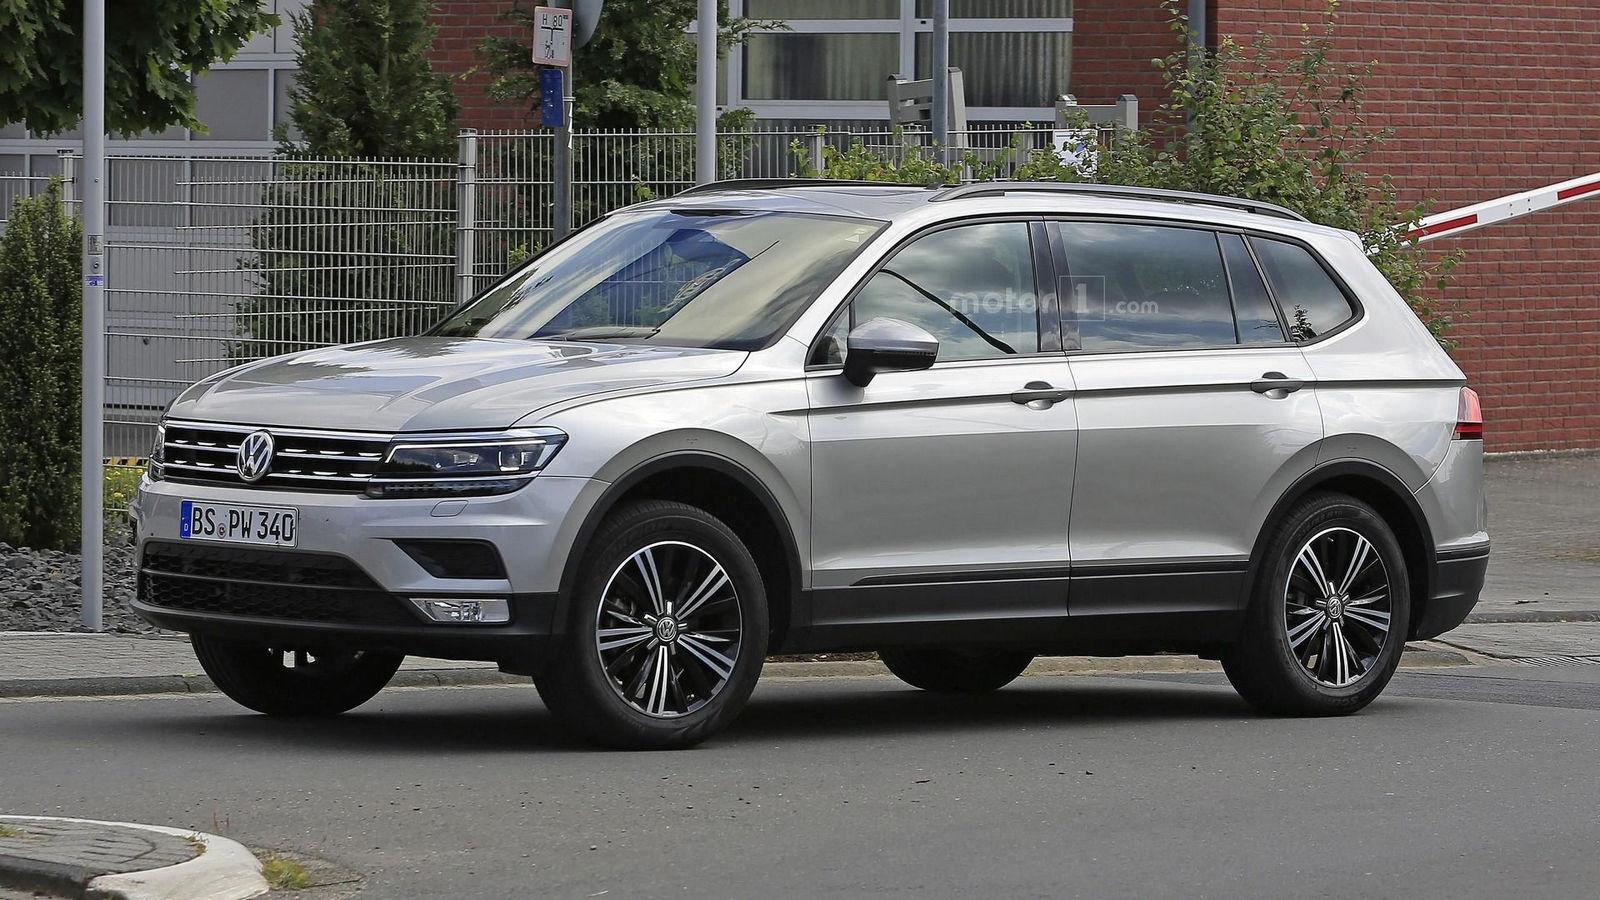 Фотошпионы рассекретили еще один кроссовер от Volkswagen